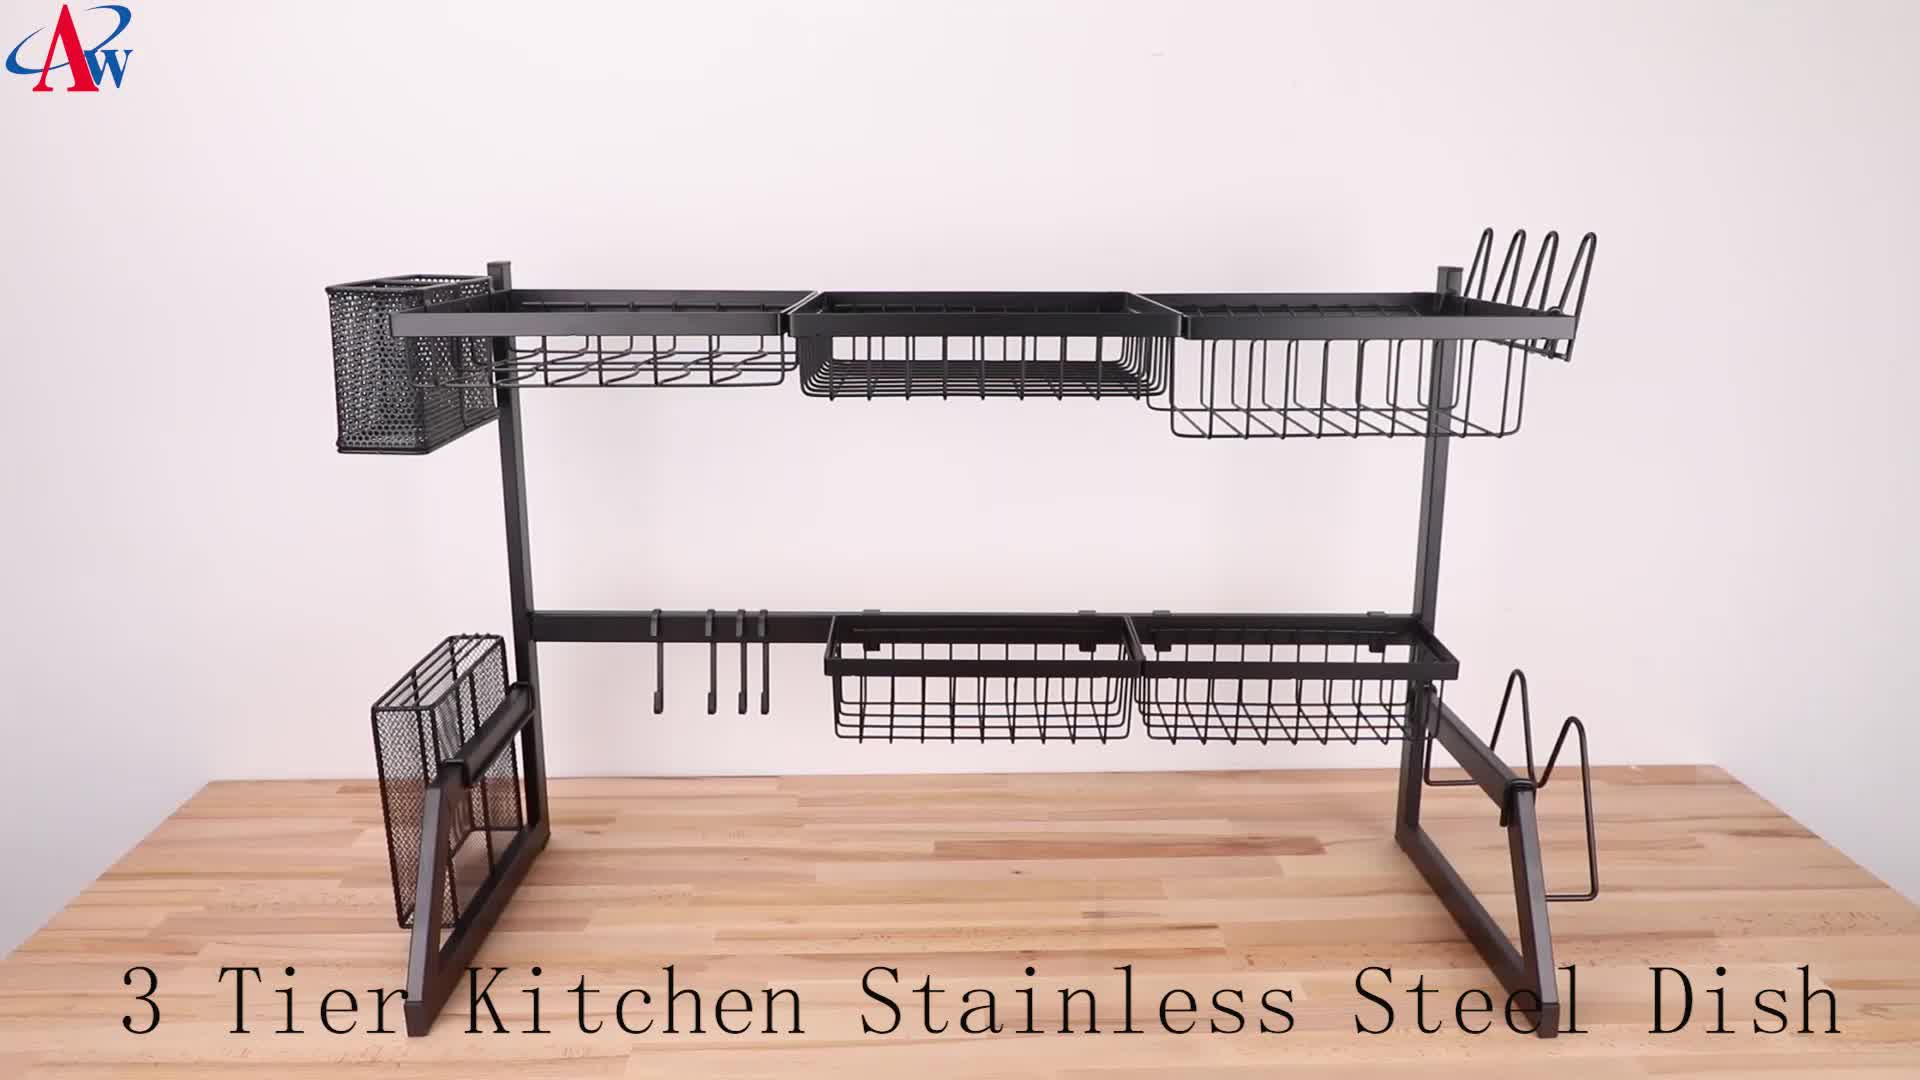 De cuisine à 3 niveaux en acier inoxydable plat séchage au-dessus du lavabo égouttoir à vaisselle